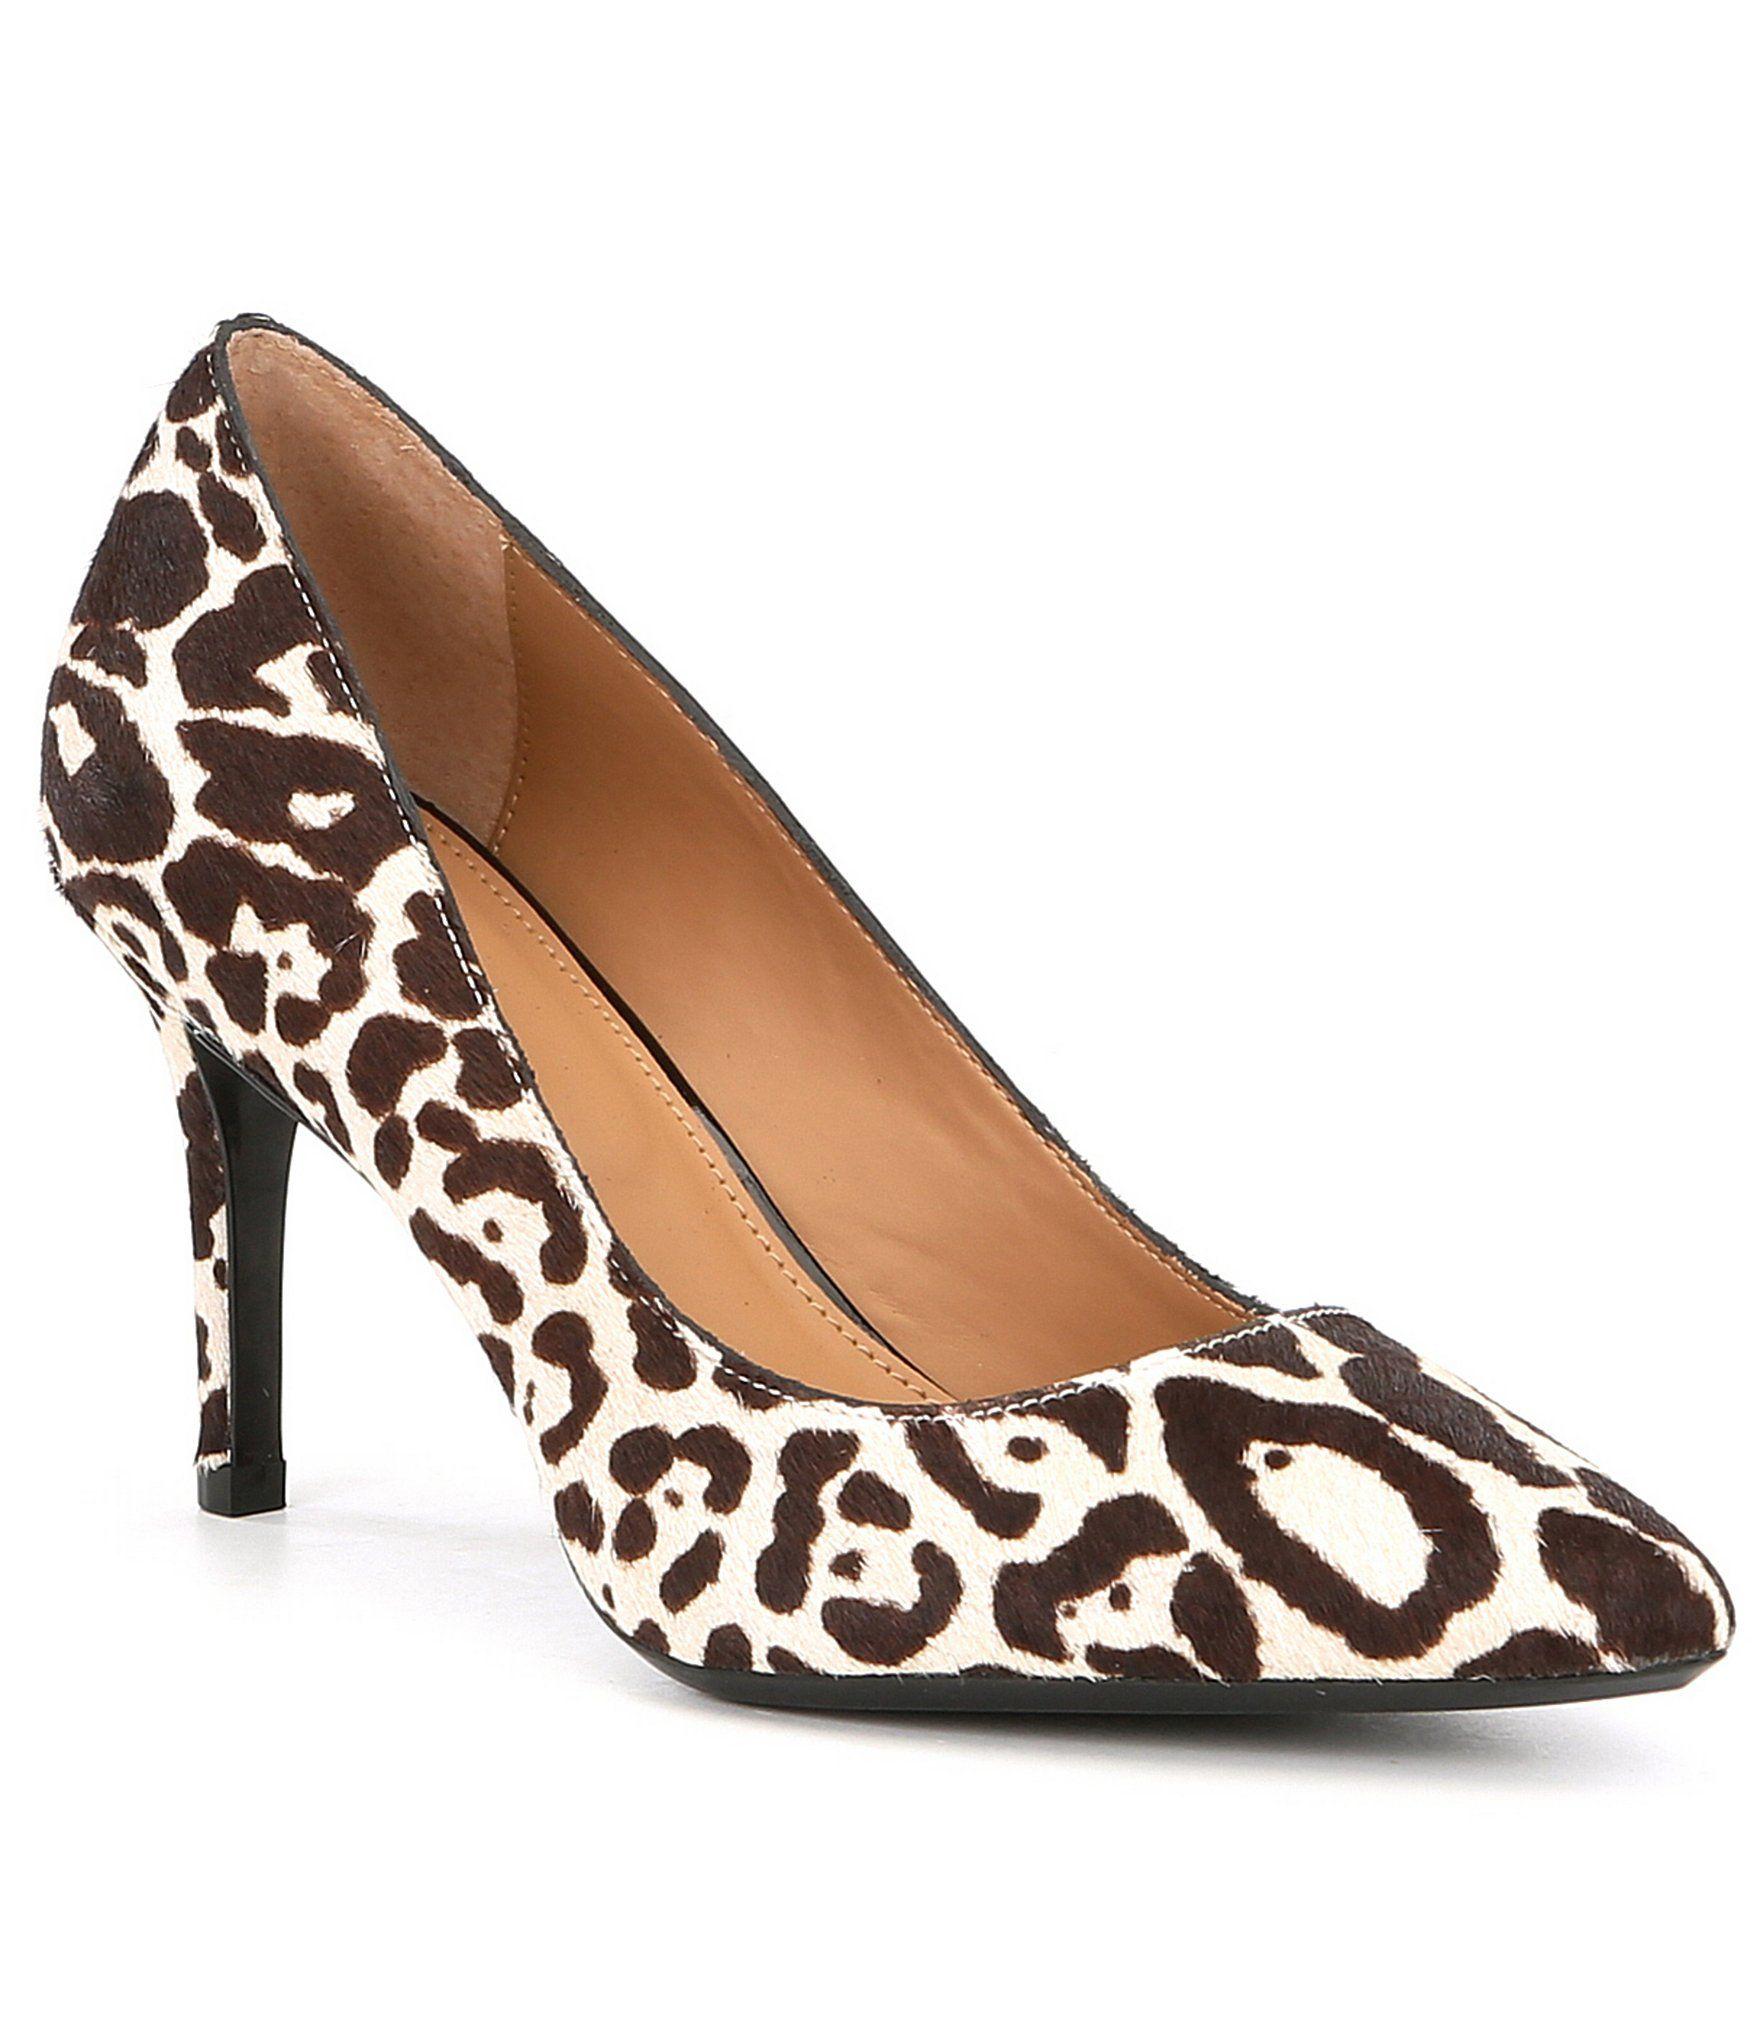 Calvin Klein Gayle Leopard Calf Hair Pumps   All Animal